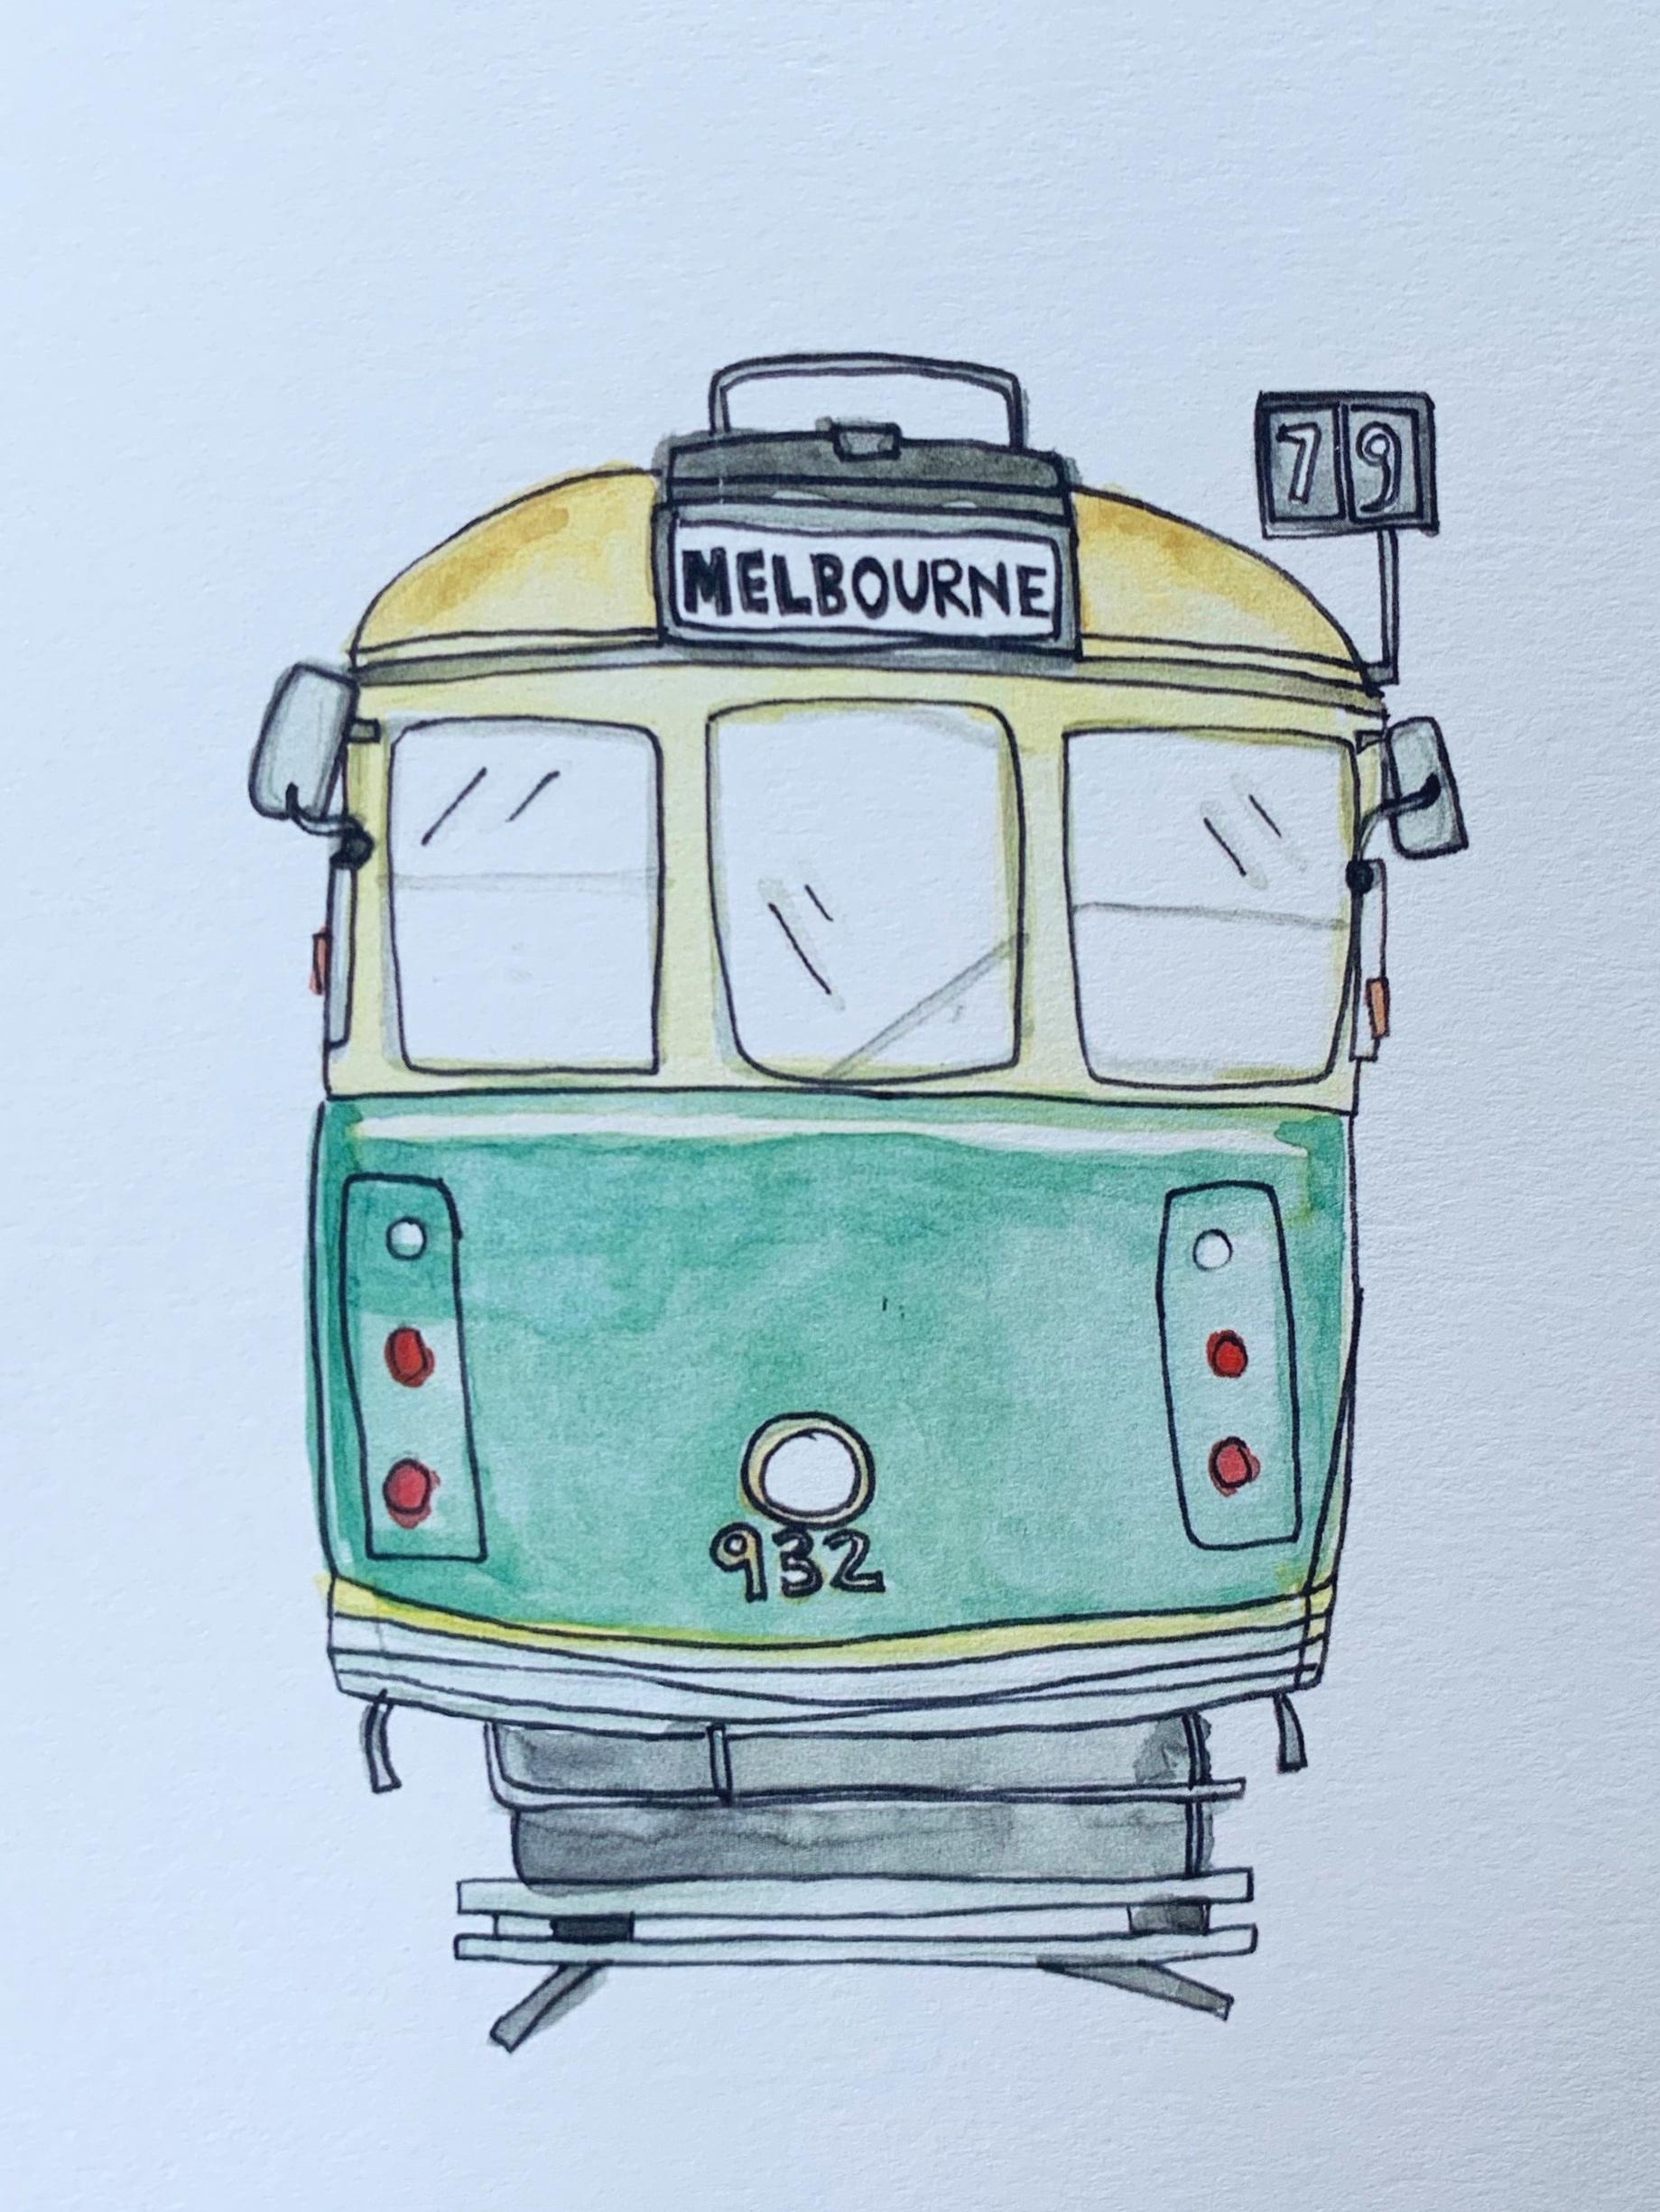 Melbourne Tram Card by Natalie Grantham